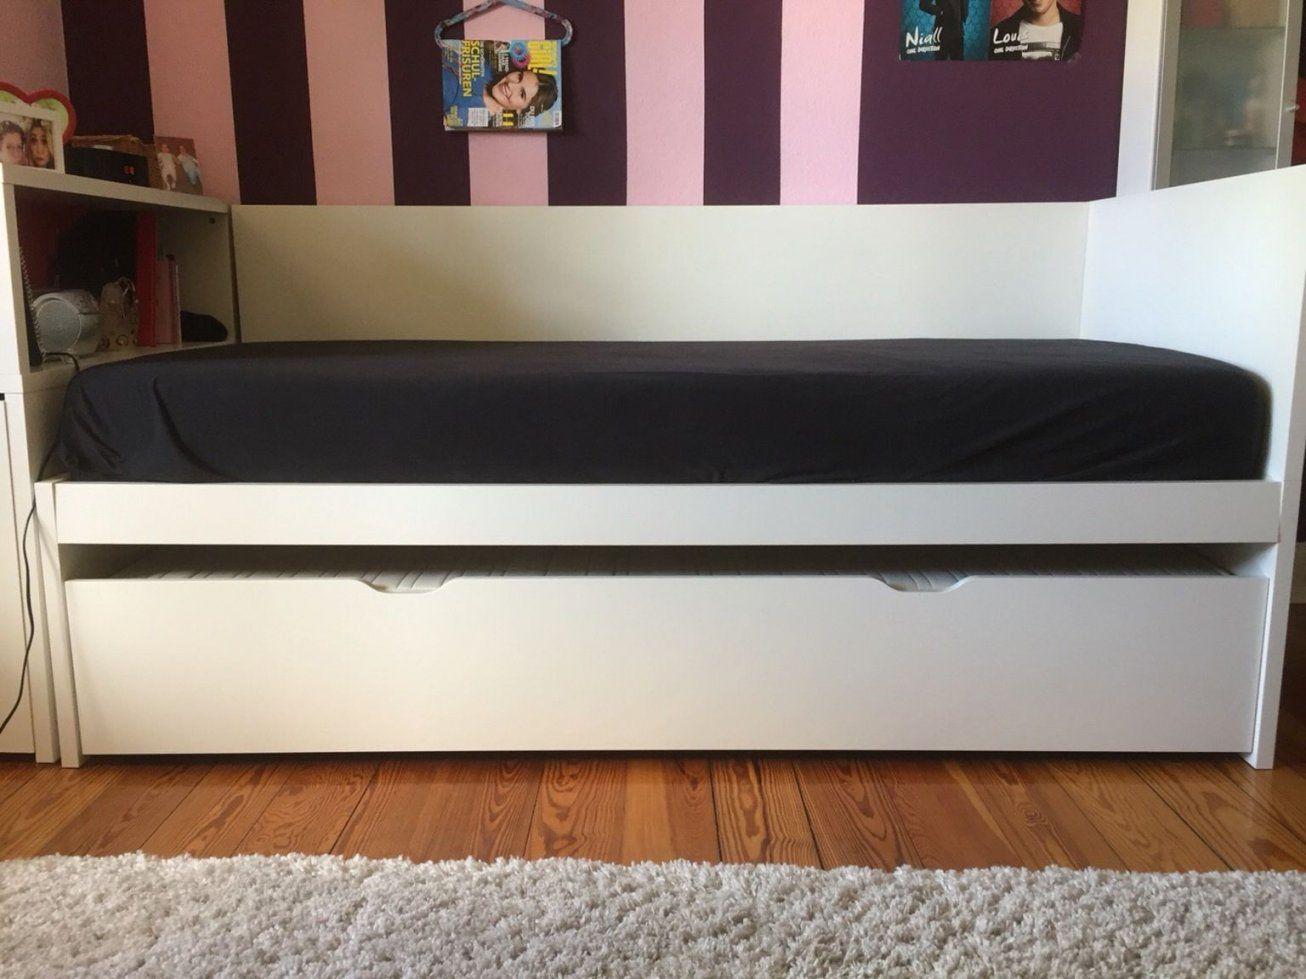 Awesome Bett Mit Unterbett Contemporary  Kosherelsalvador von Ikea Einzelbett Mit Unterbett Photo